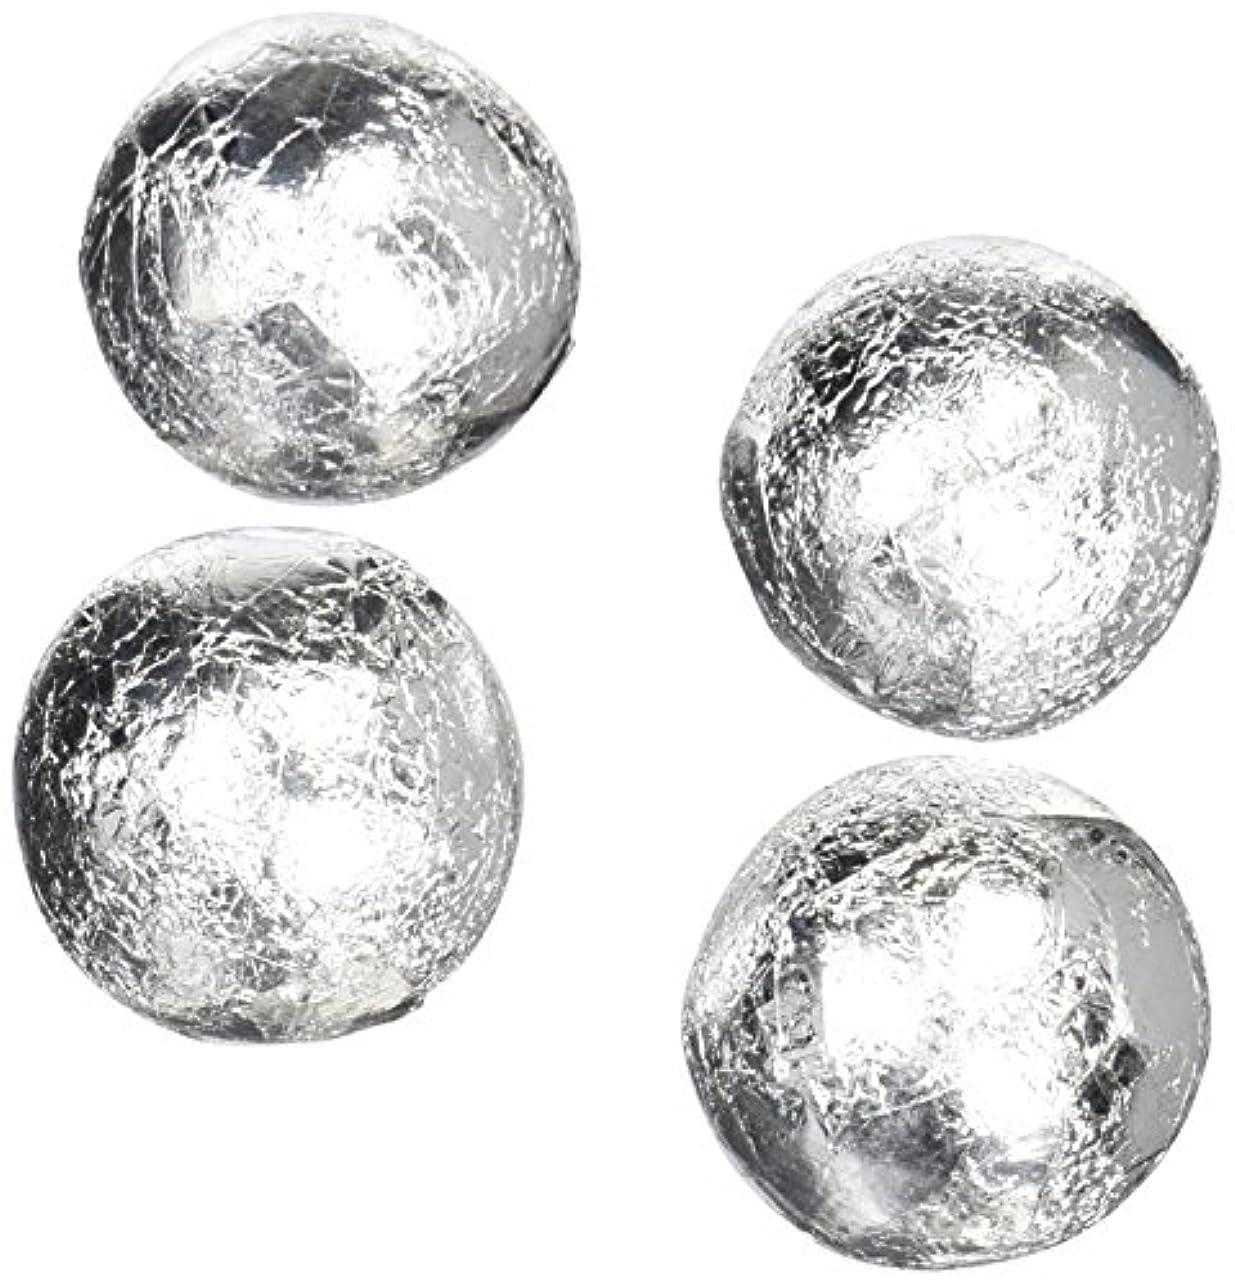 実験をする恒久的上へLyraviviボール レギュラー4個入り